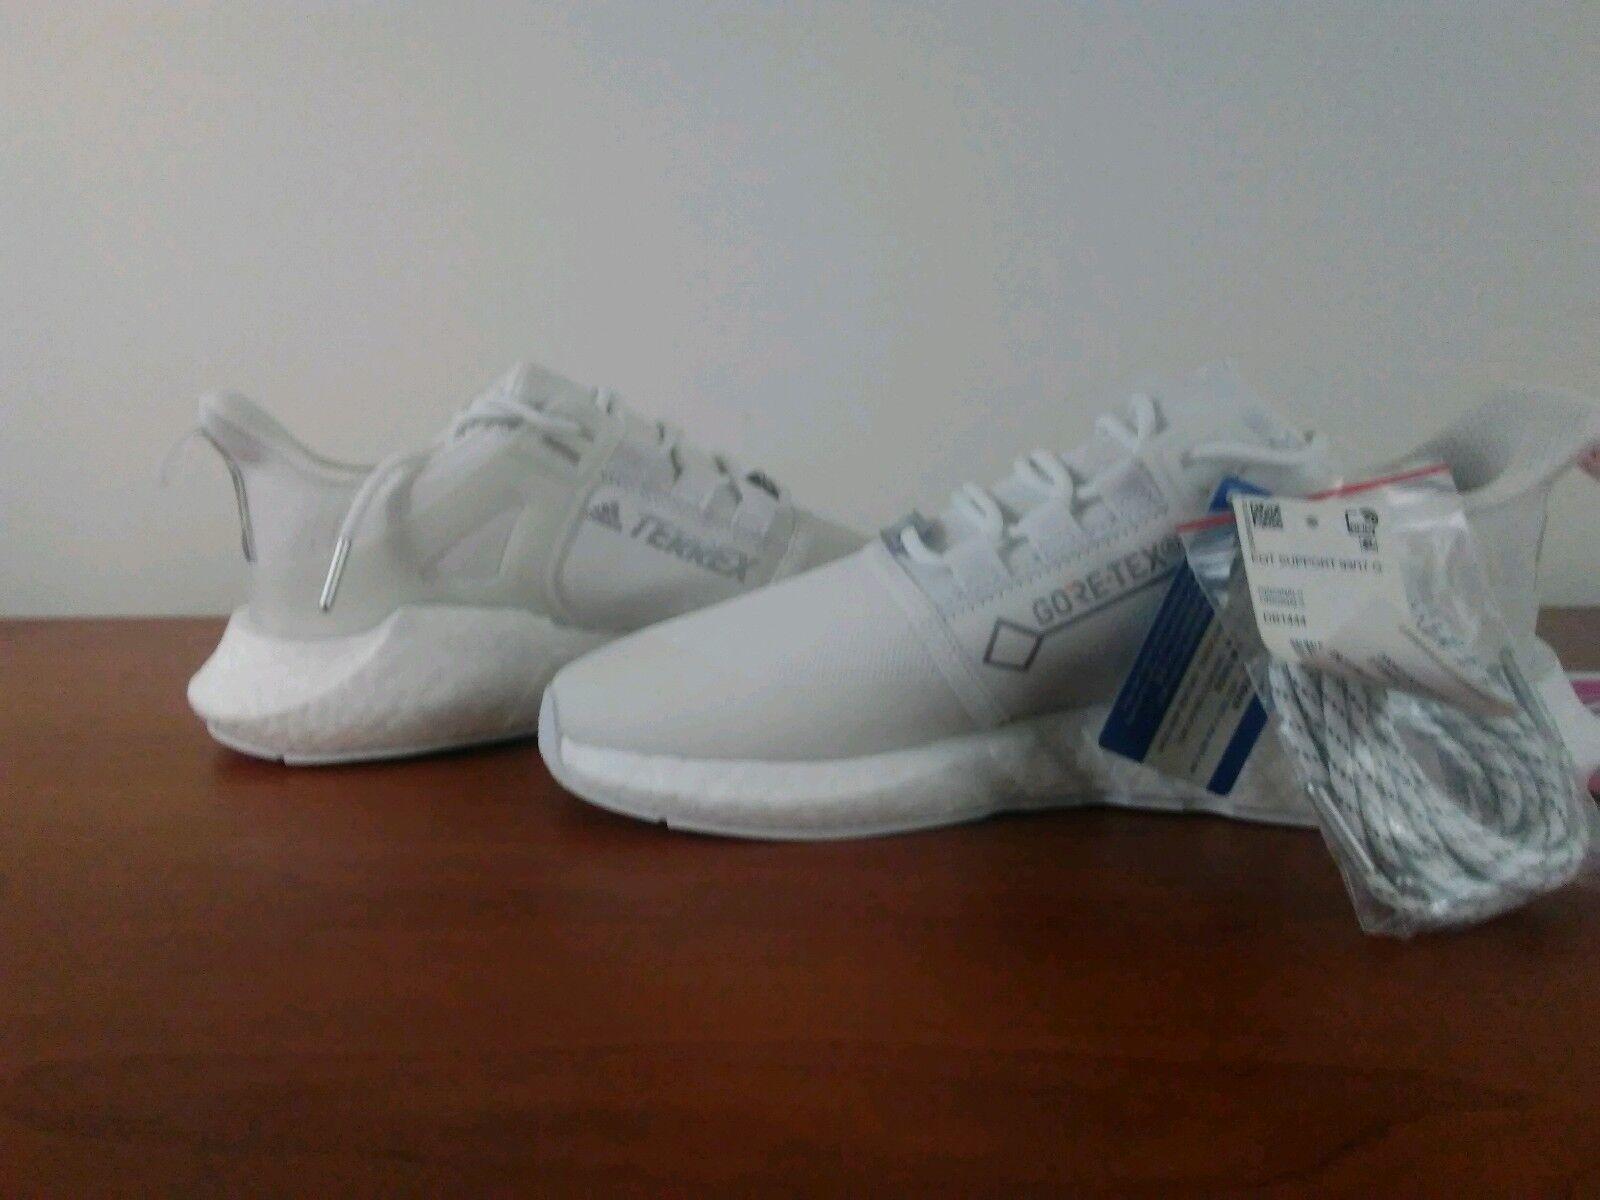 Adidas eqt unterstützung 93 / 17 männern schuhe fördern, gore weiße - tex - creme weiße gore db1444 bequem 31dcf5